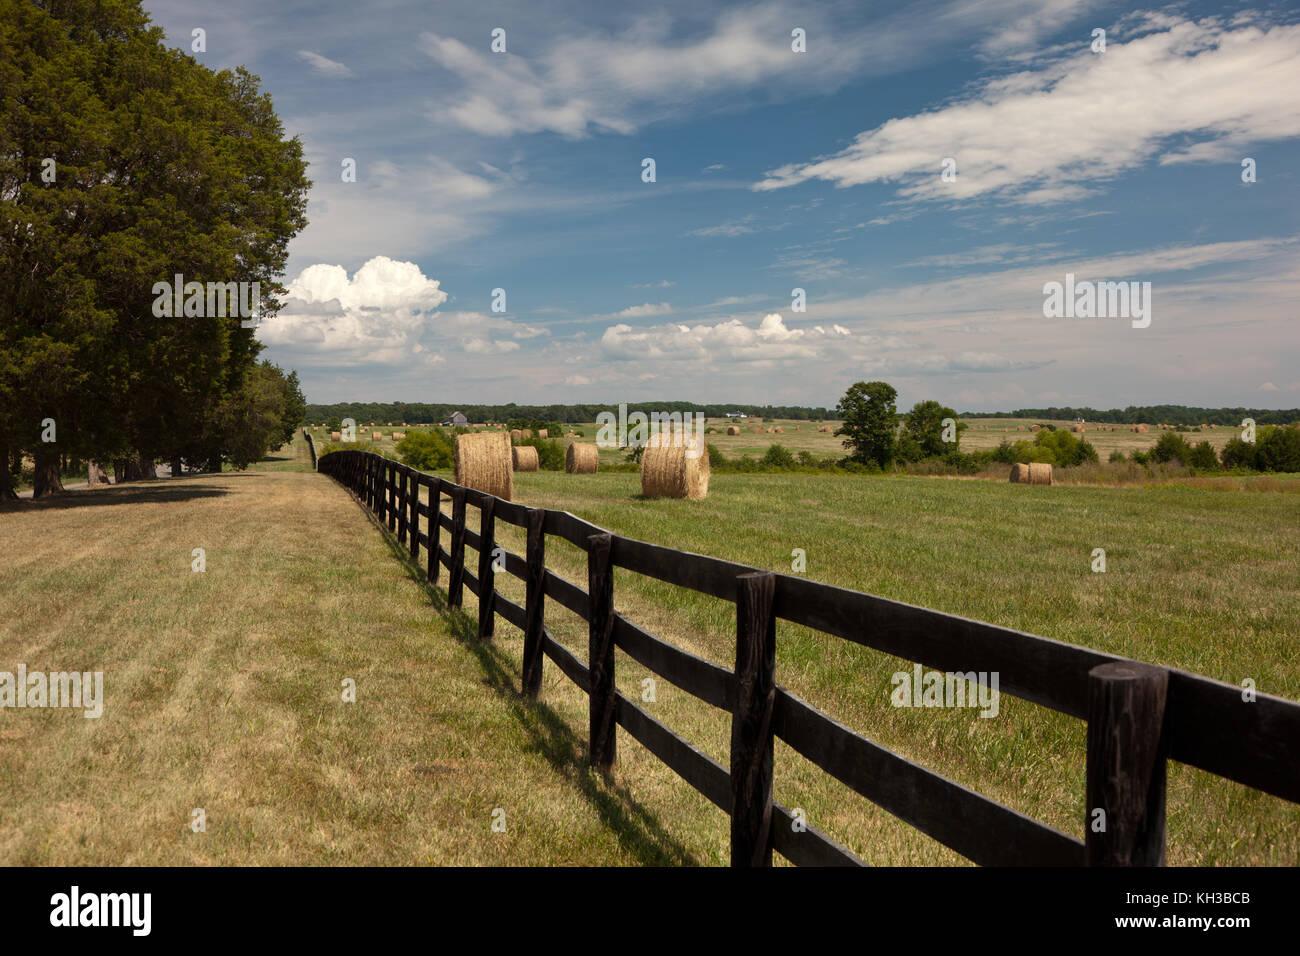 Strohballen auf einem Feld von Grün mit blauem Himmel Stockbild